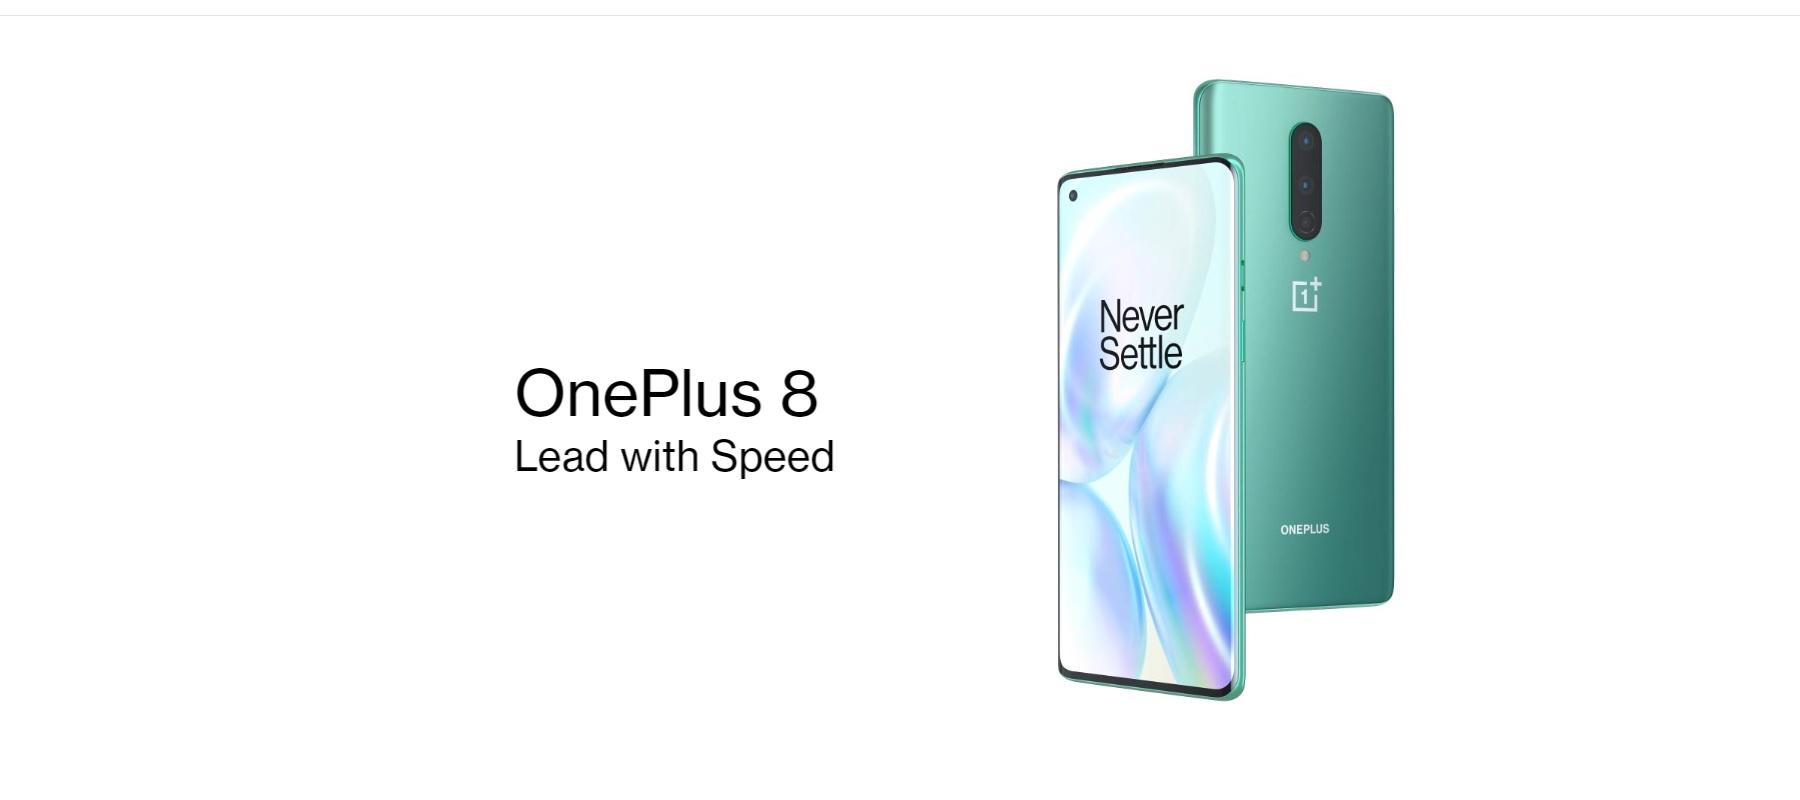 ONEPLUS-8-5G-MAIN-BANNER